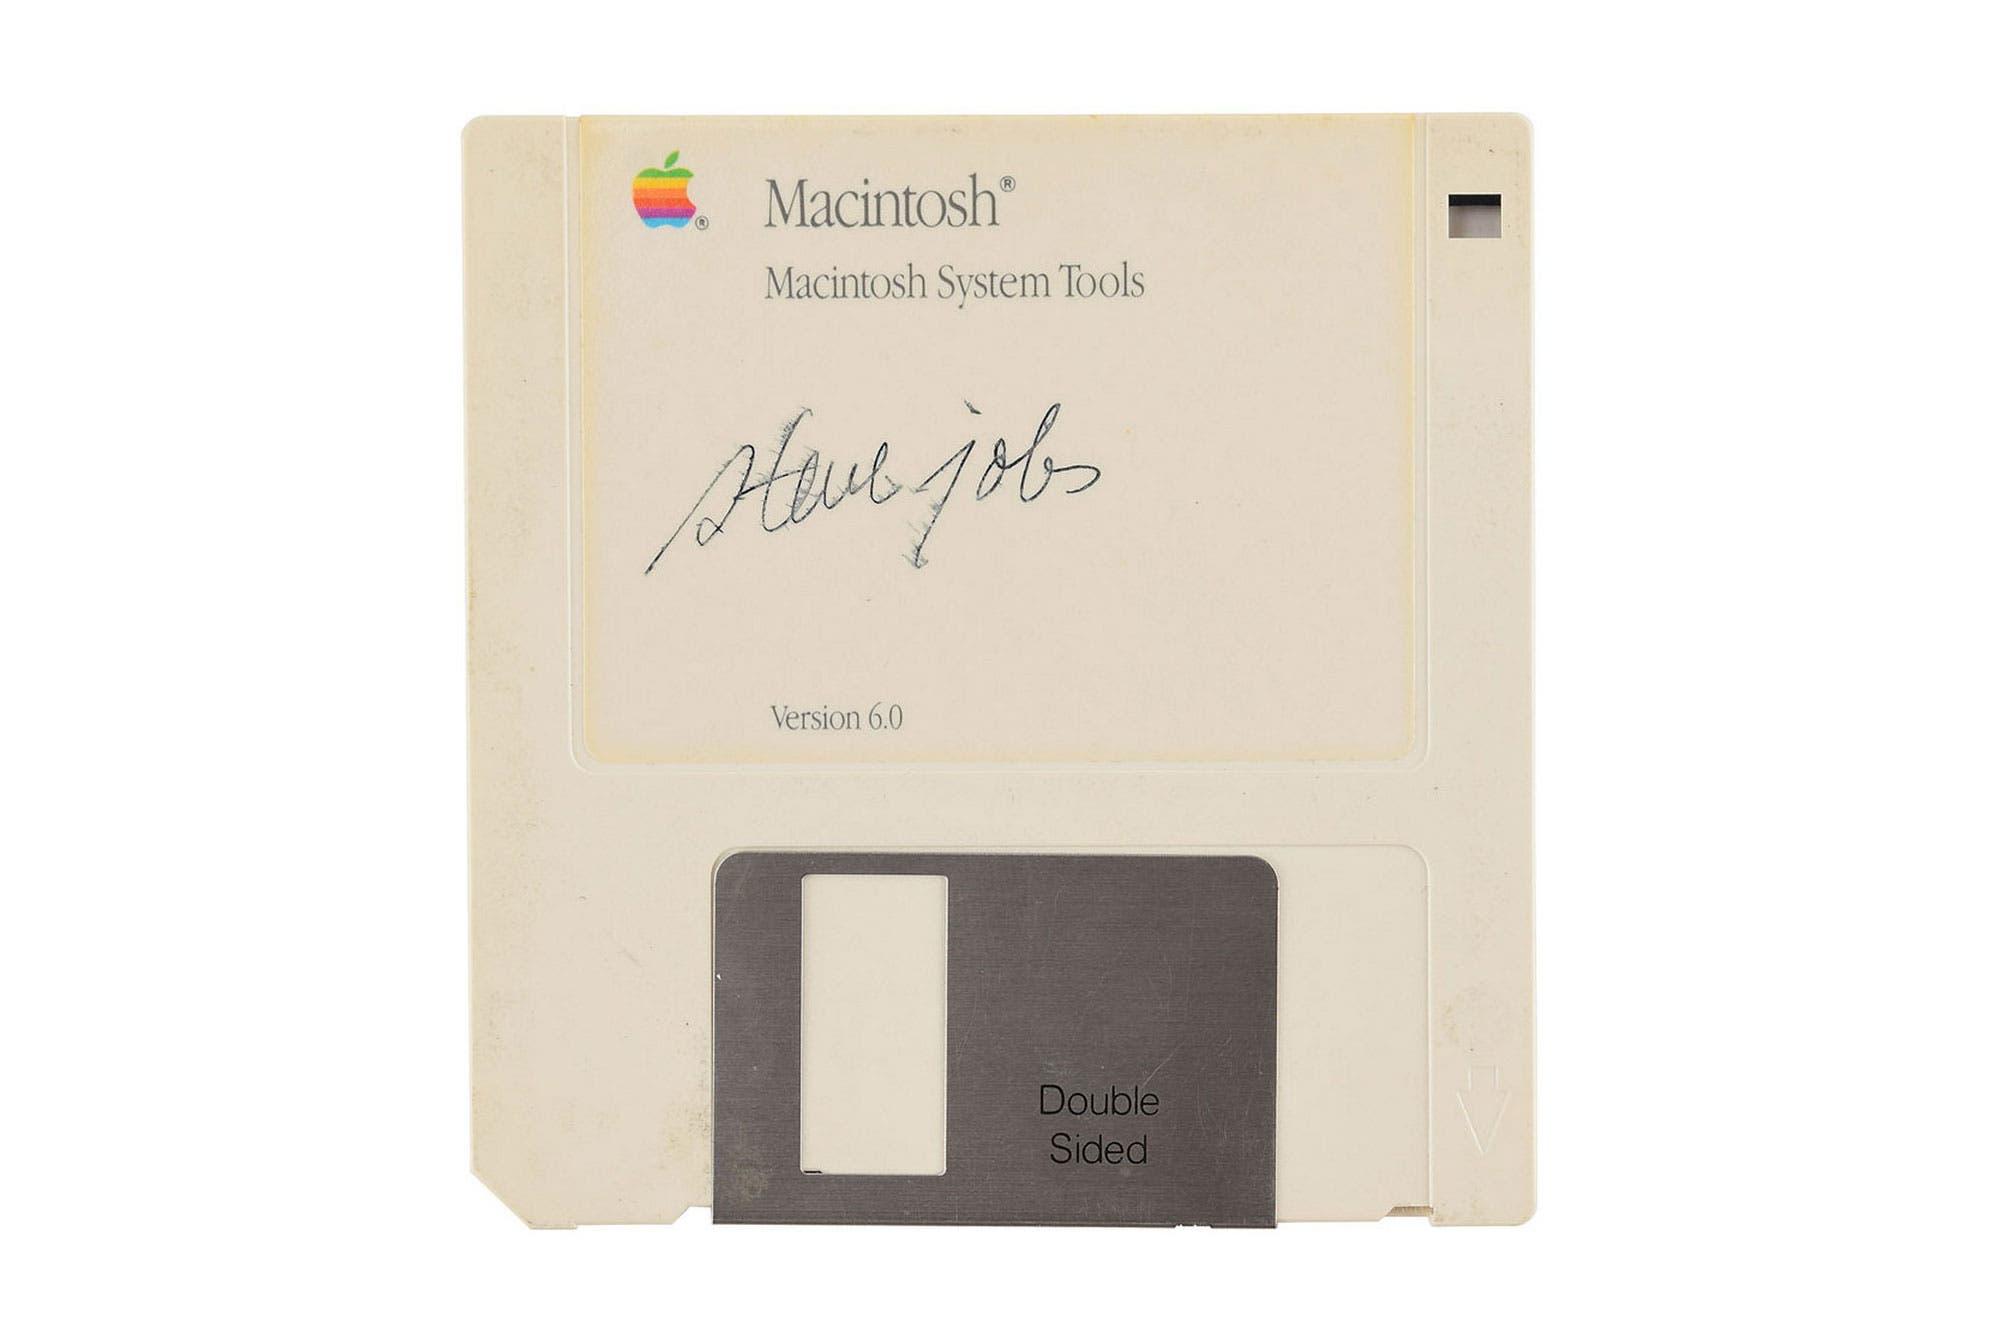 El disquete más caro: 7500 dólares por un floppy disk de la Macintosh de Apple con la firma de Steve Jobs